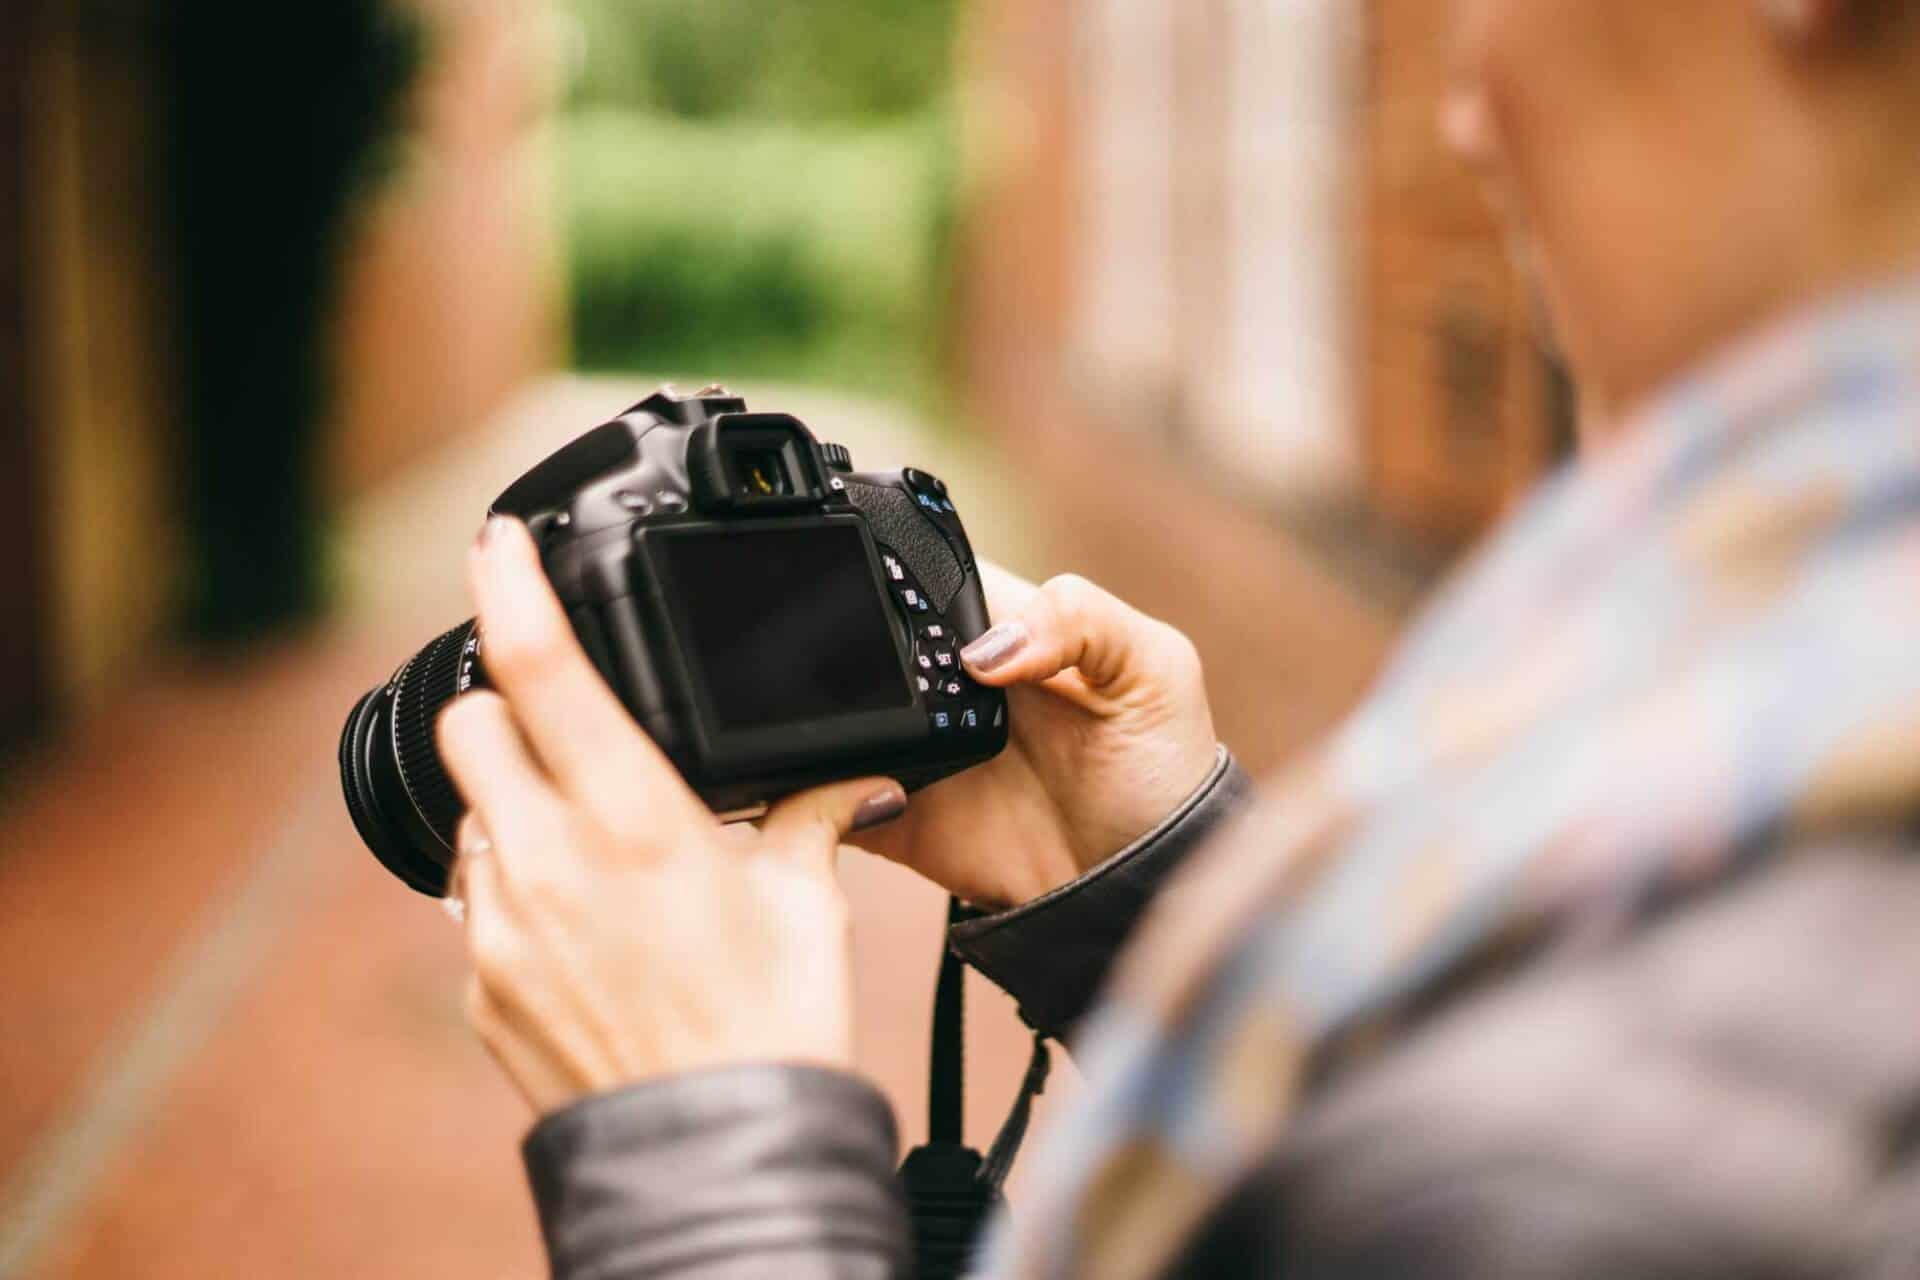 fotograf fotostudio winsen hamburg l neburg fotokurs fotoshooting diefotomanufaktur. Black Bedroom Furniture Sets. Home Design Ideas